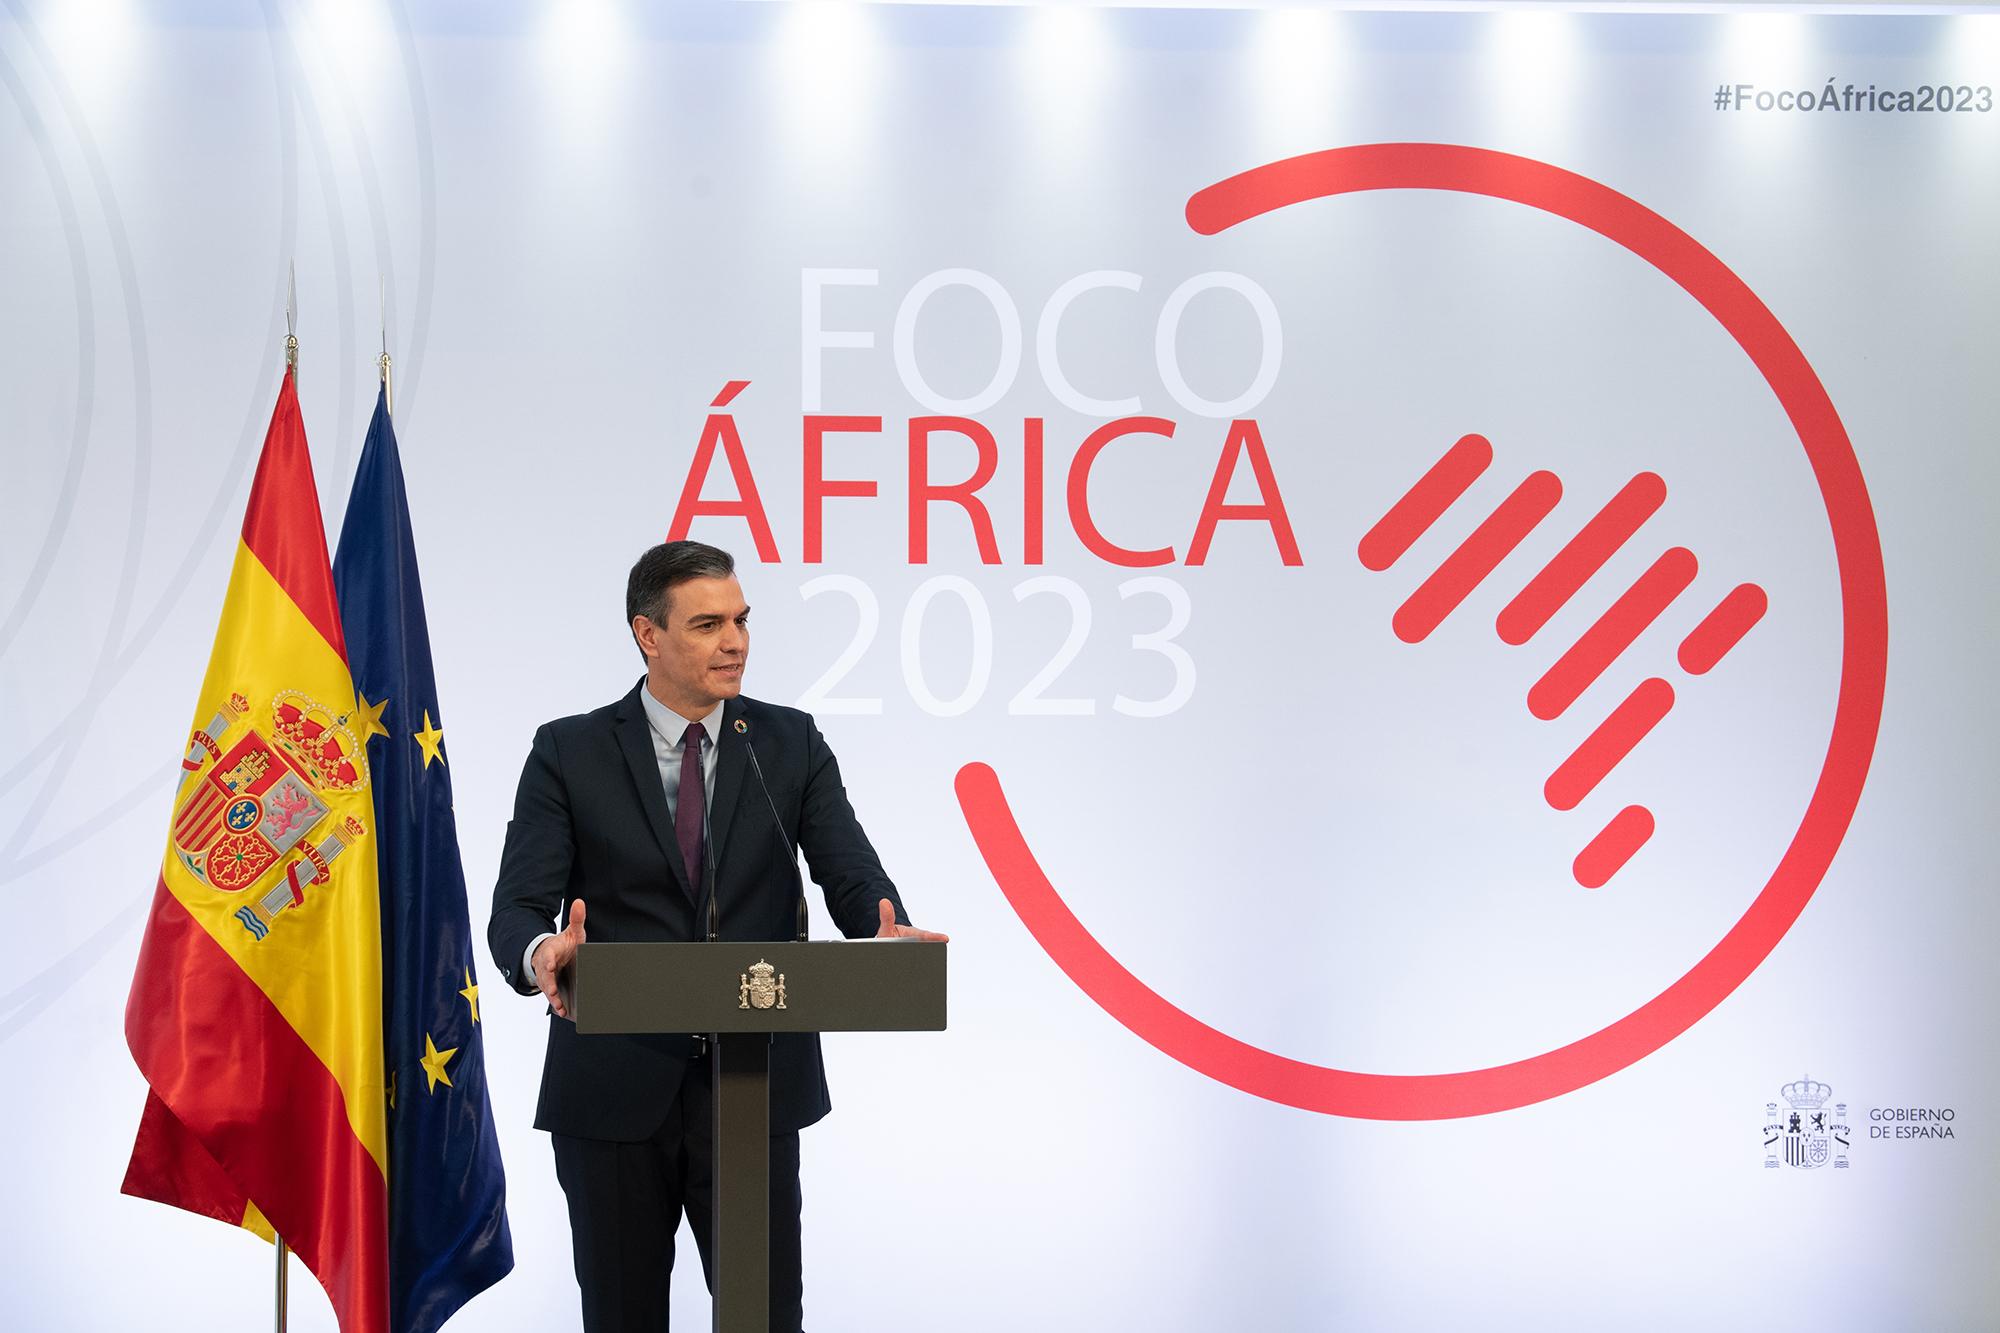 Foco África 2023, la ambiciosa agenda africana del Gobierno de España